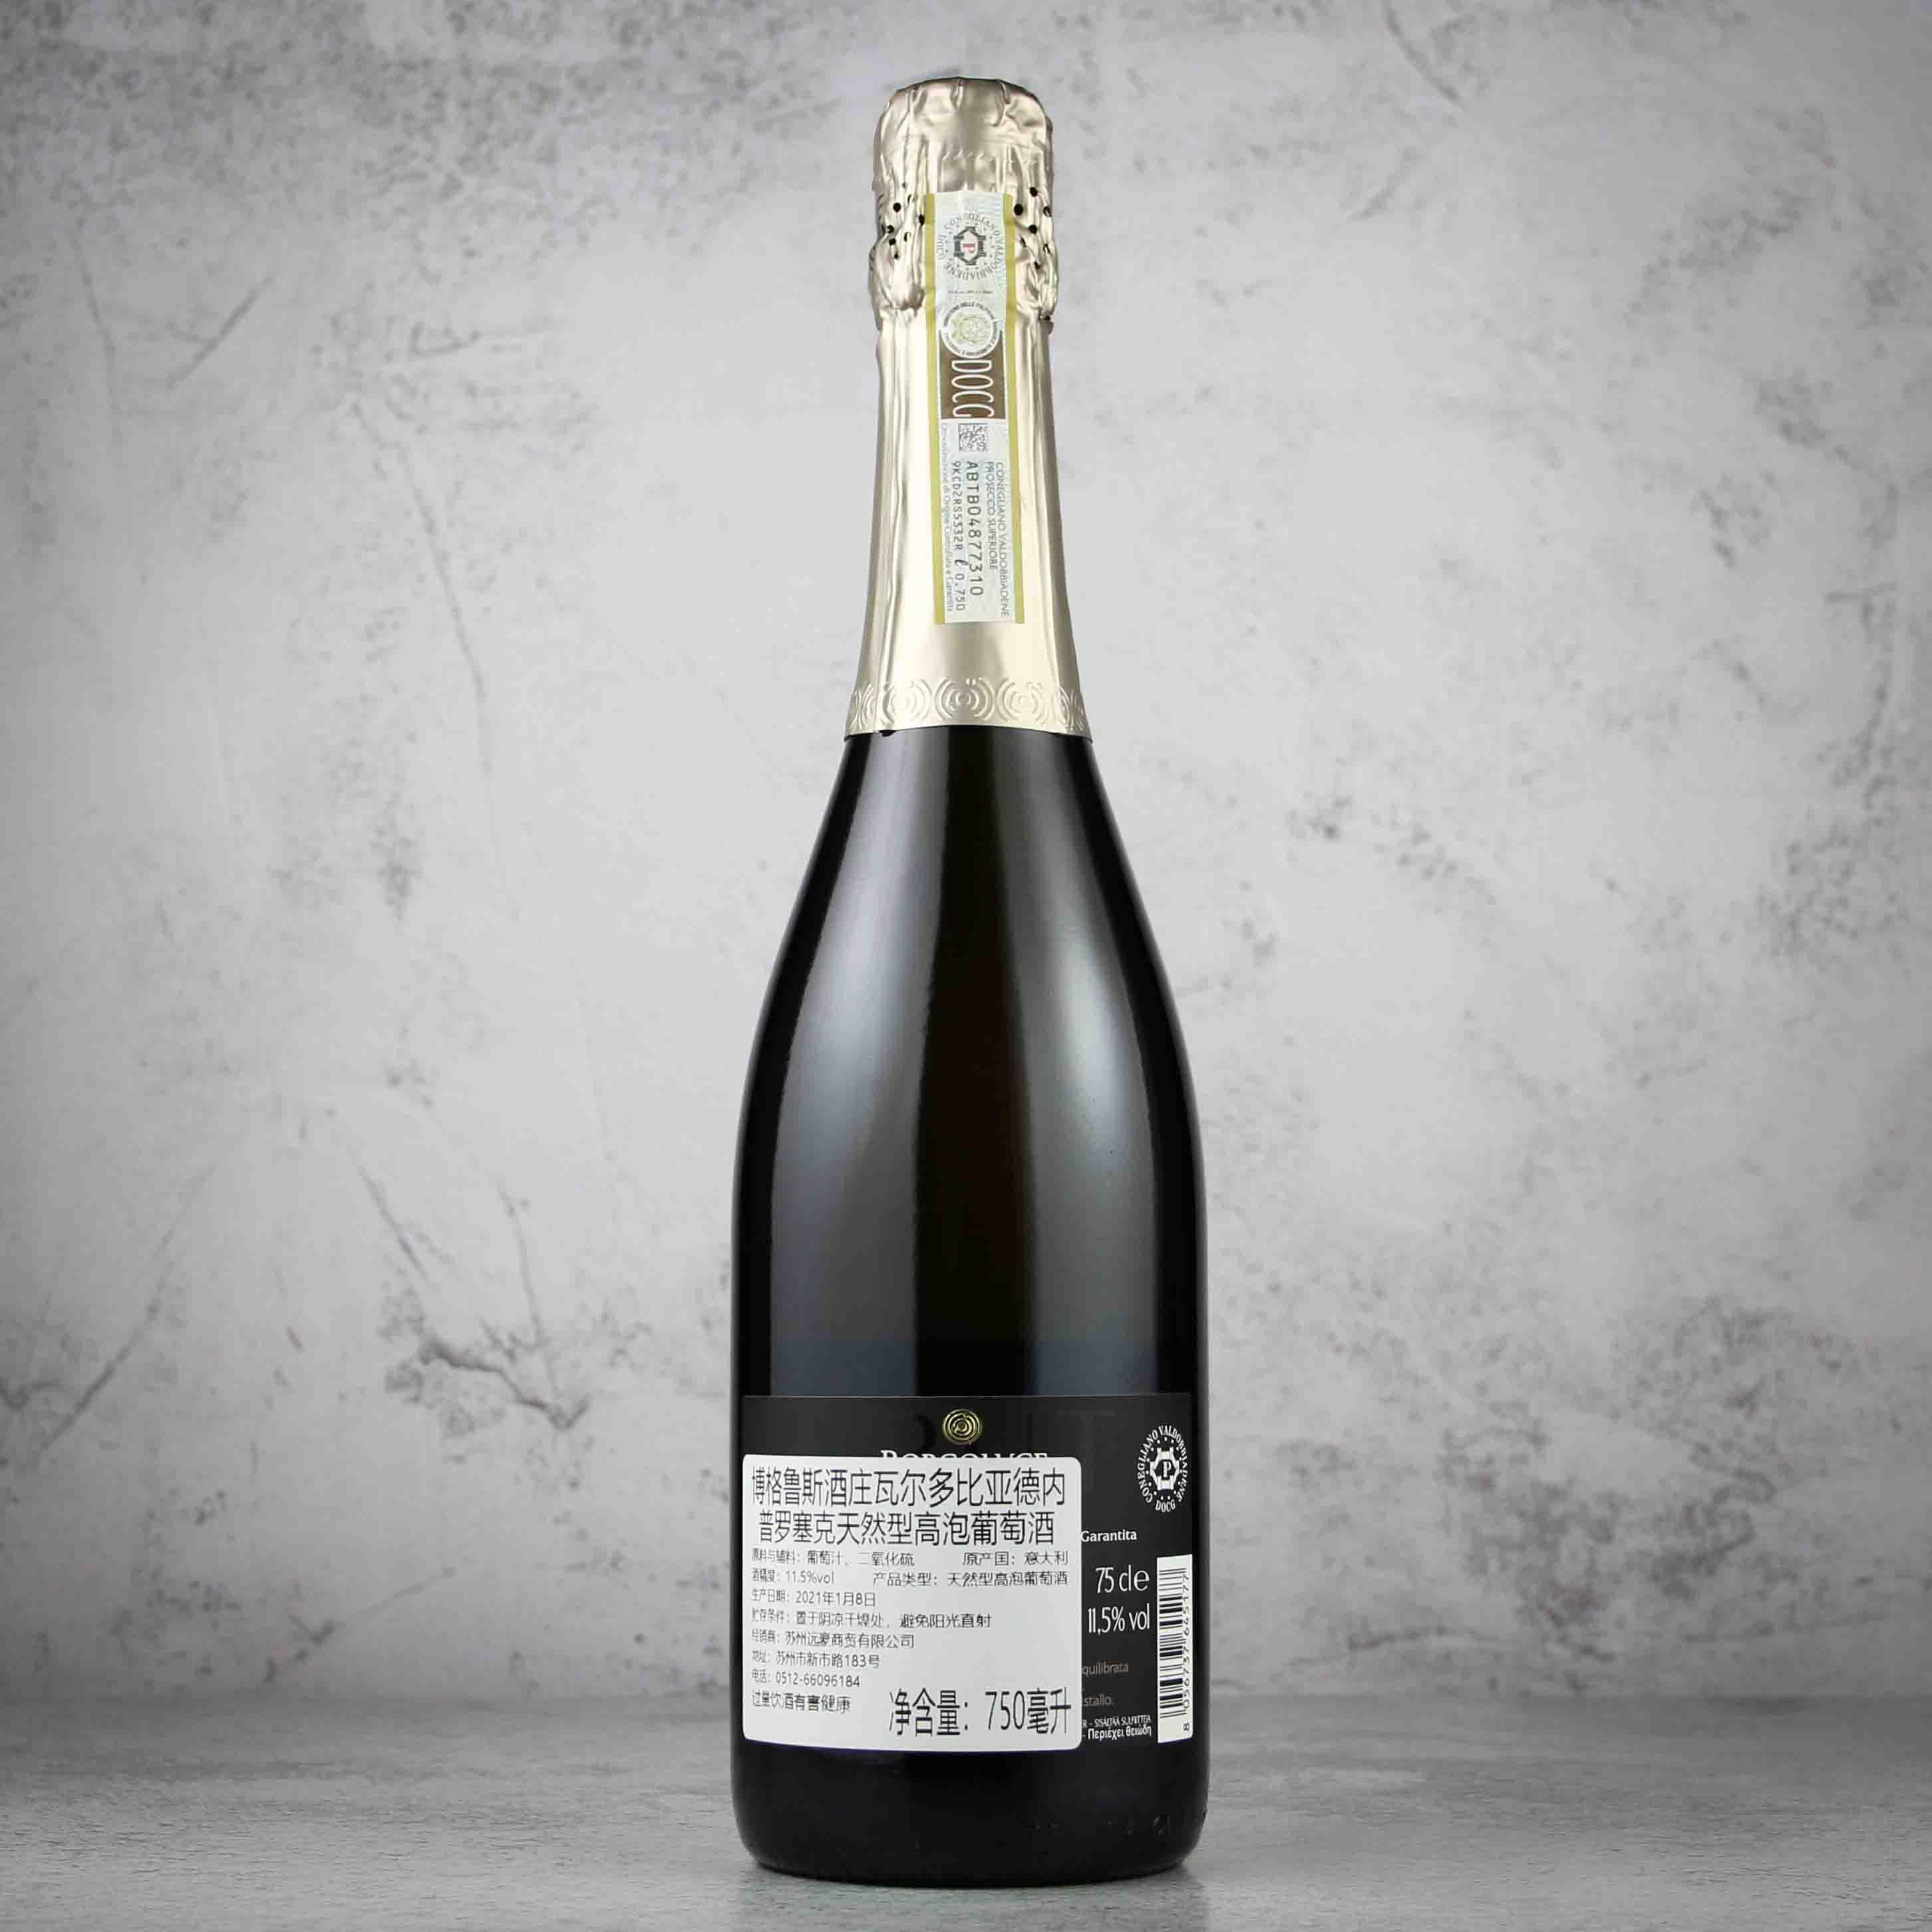 意大利瓦尔多比亚德内·普罗塞克 天然型高泡葡萄酒750ml